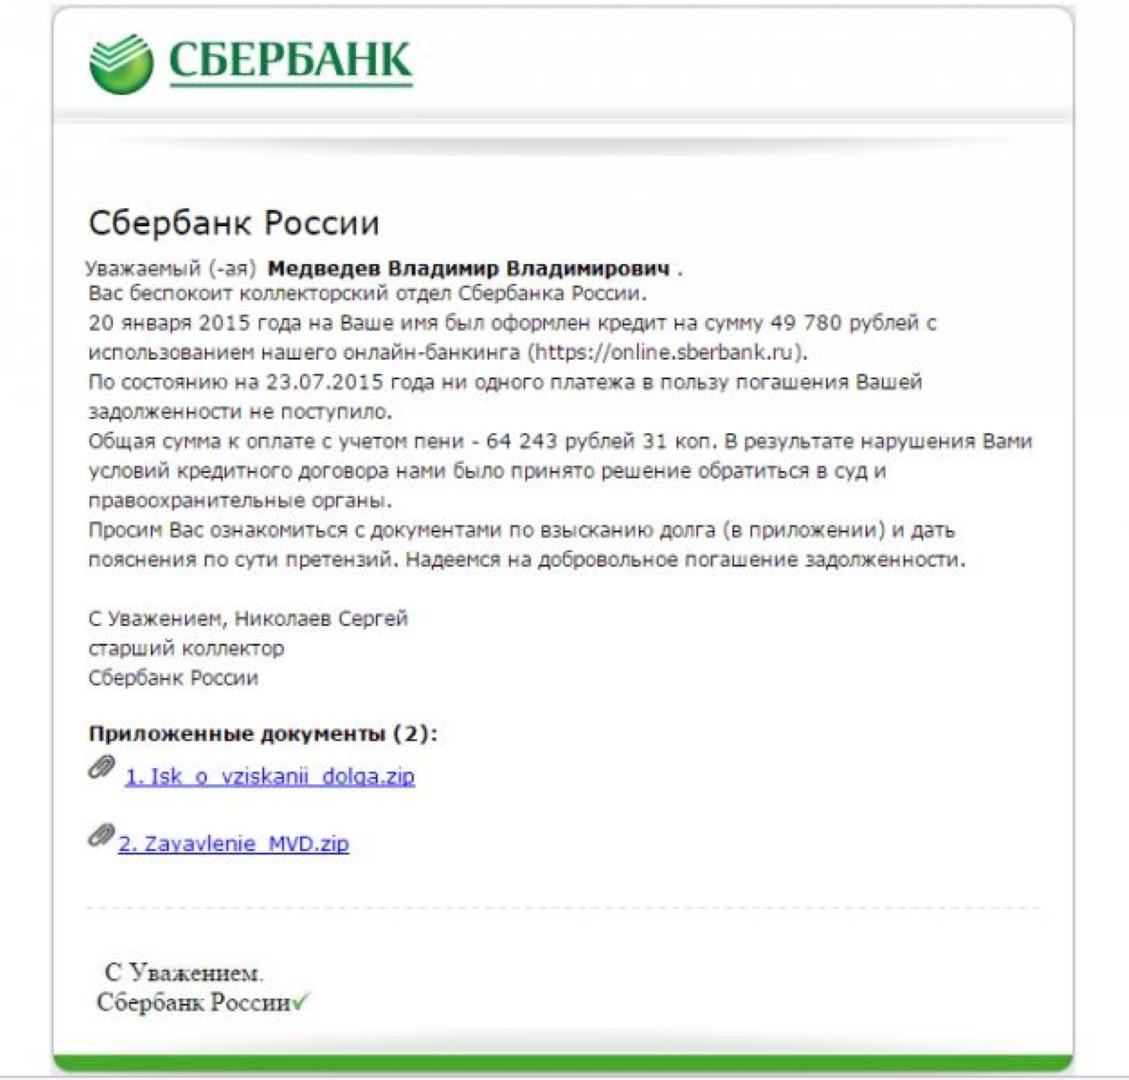 веб займ отзывы должников коллекторы